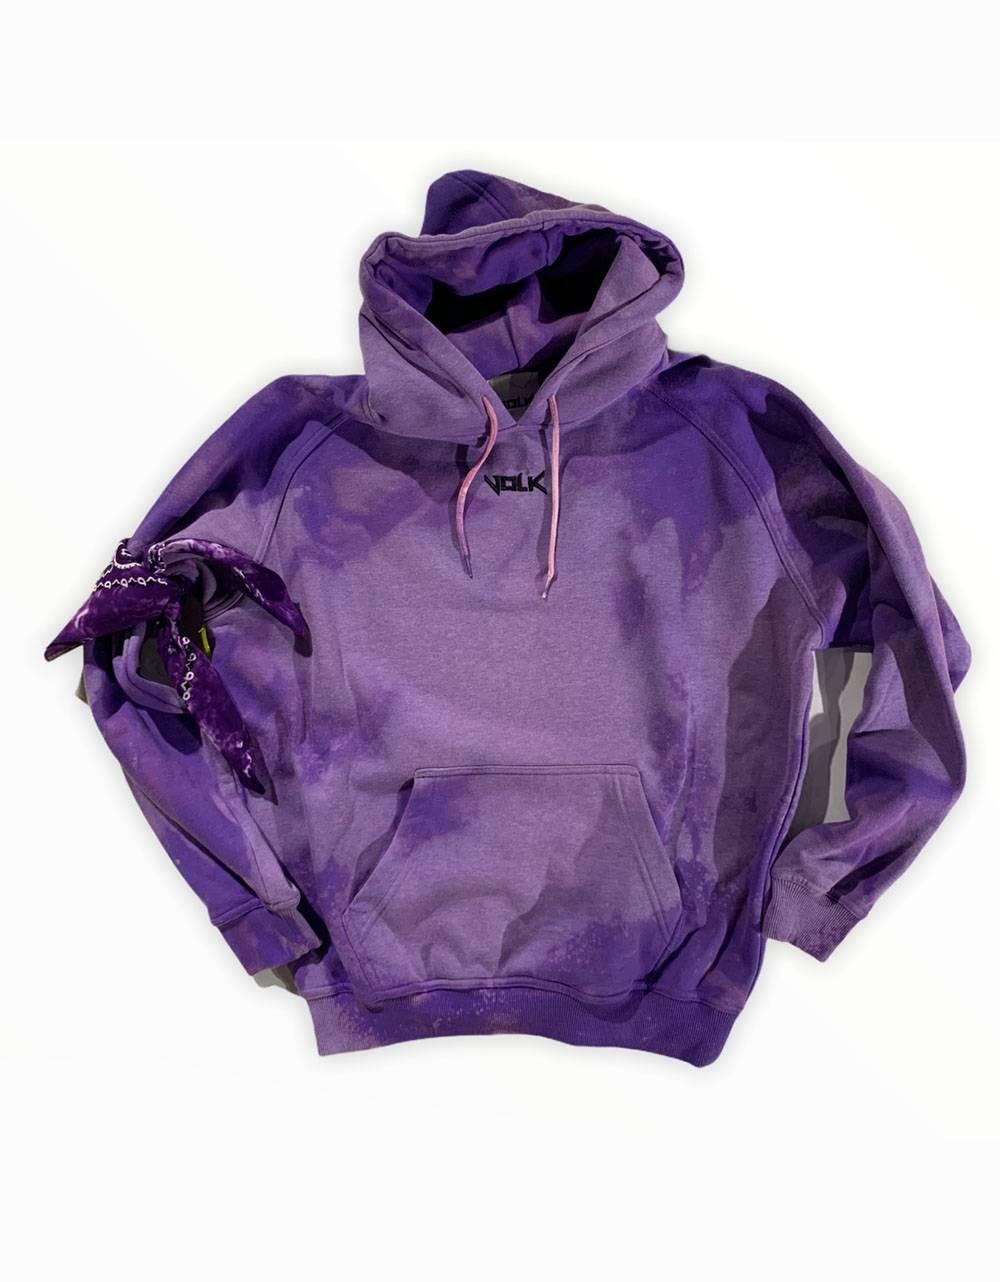 Volk basic hoodie - bleached violet VOLK Sweater 81,15€